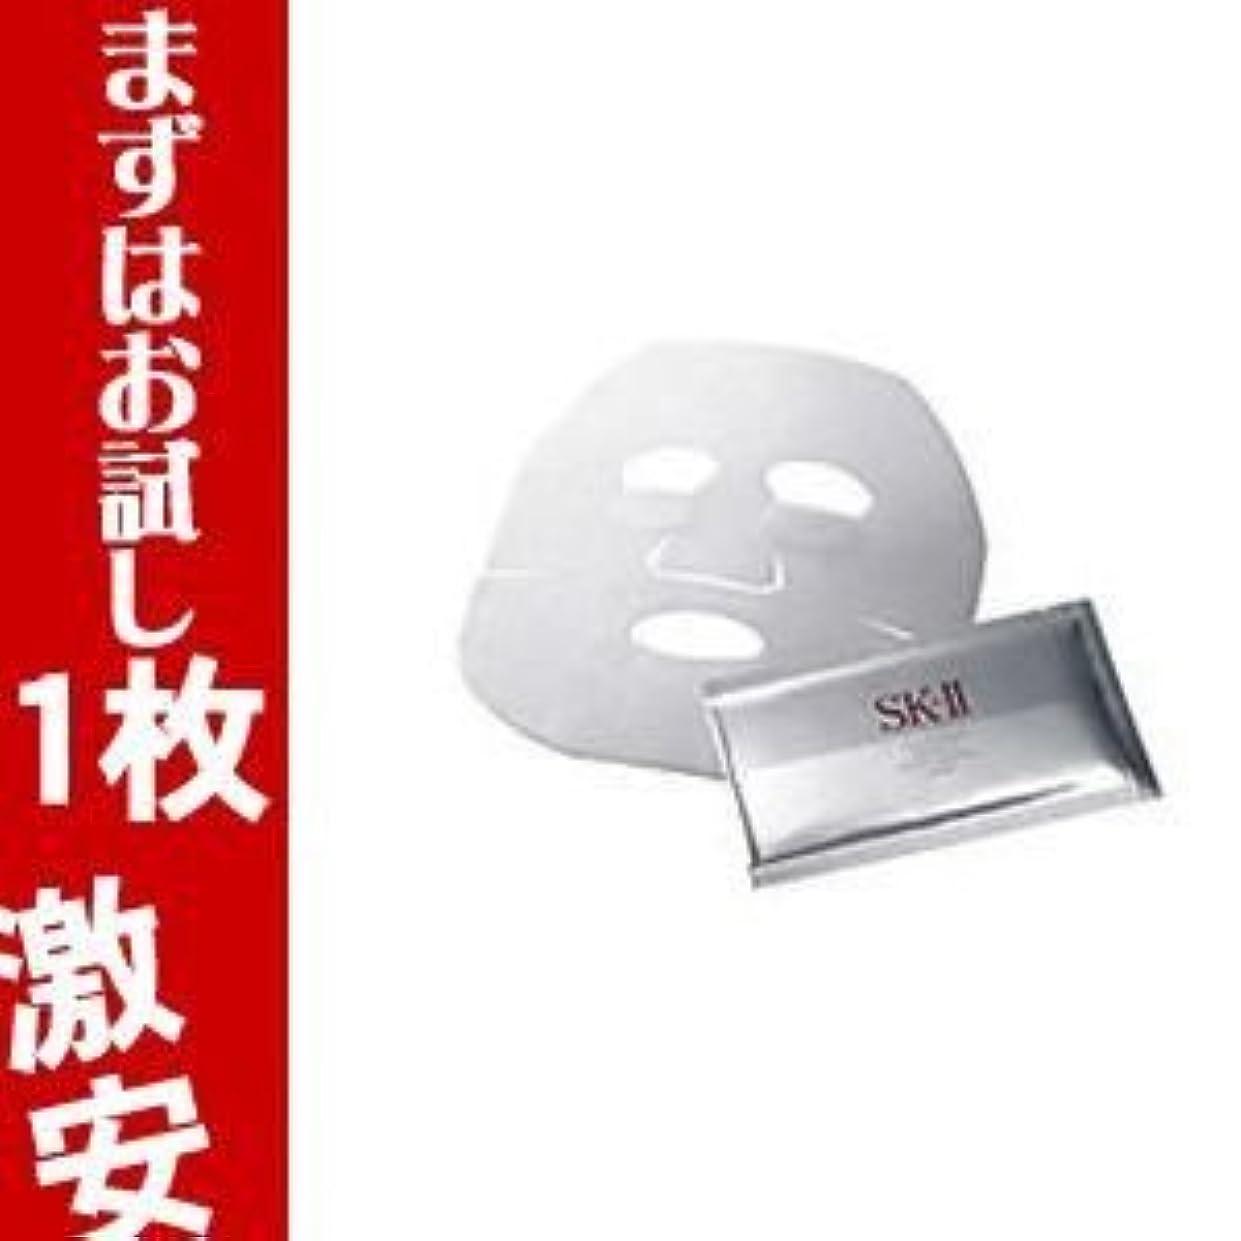 赤ちゃんびっくりする肥料【SK-II SK-2】 ホワイトニングソース ダーム リバイバル マスク 1枚  【箱なし】